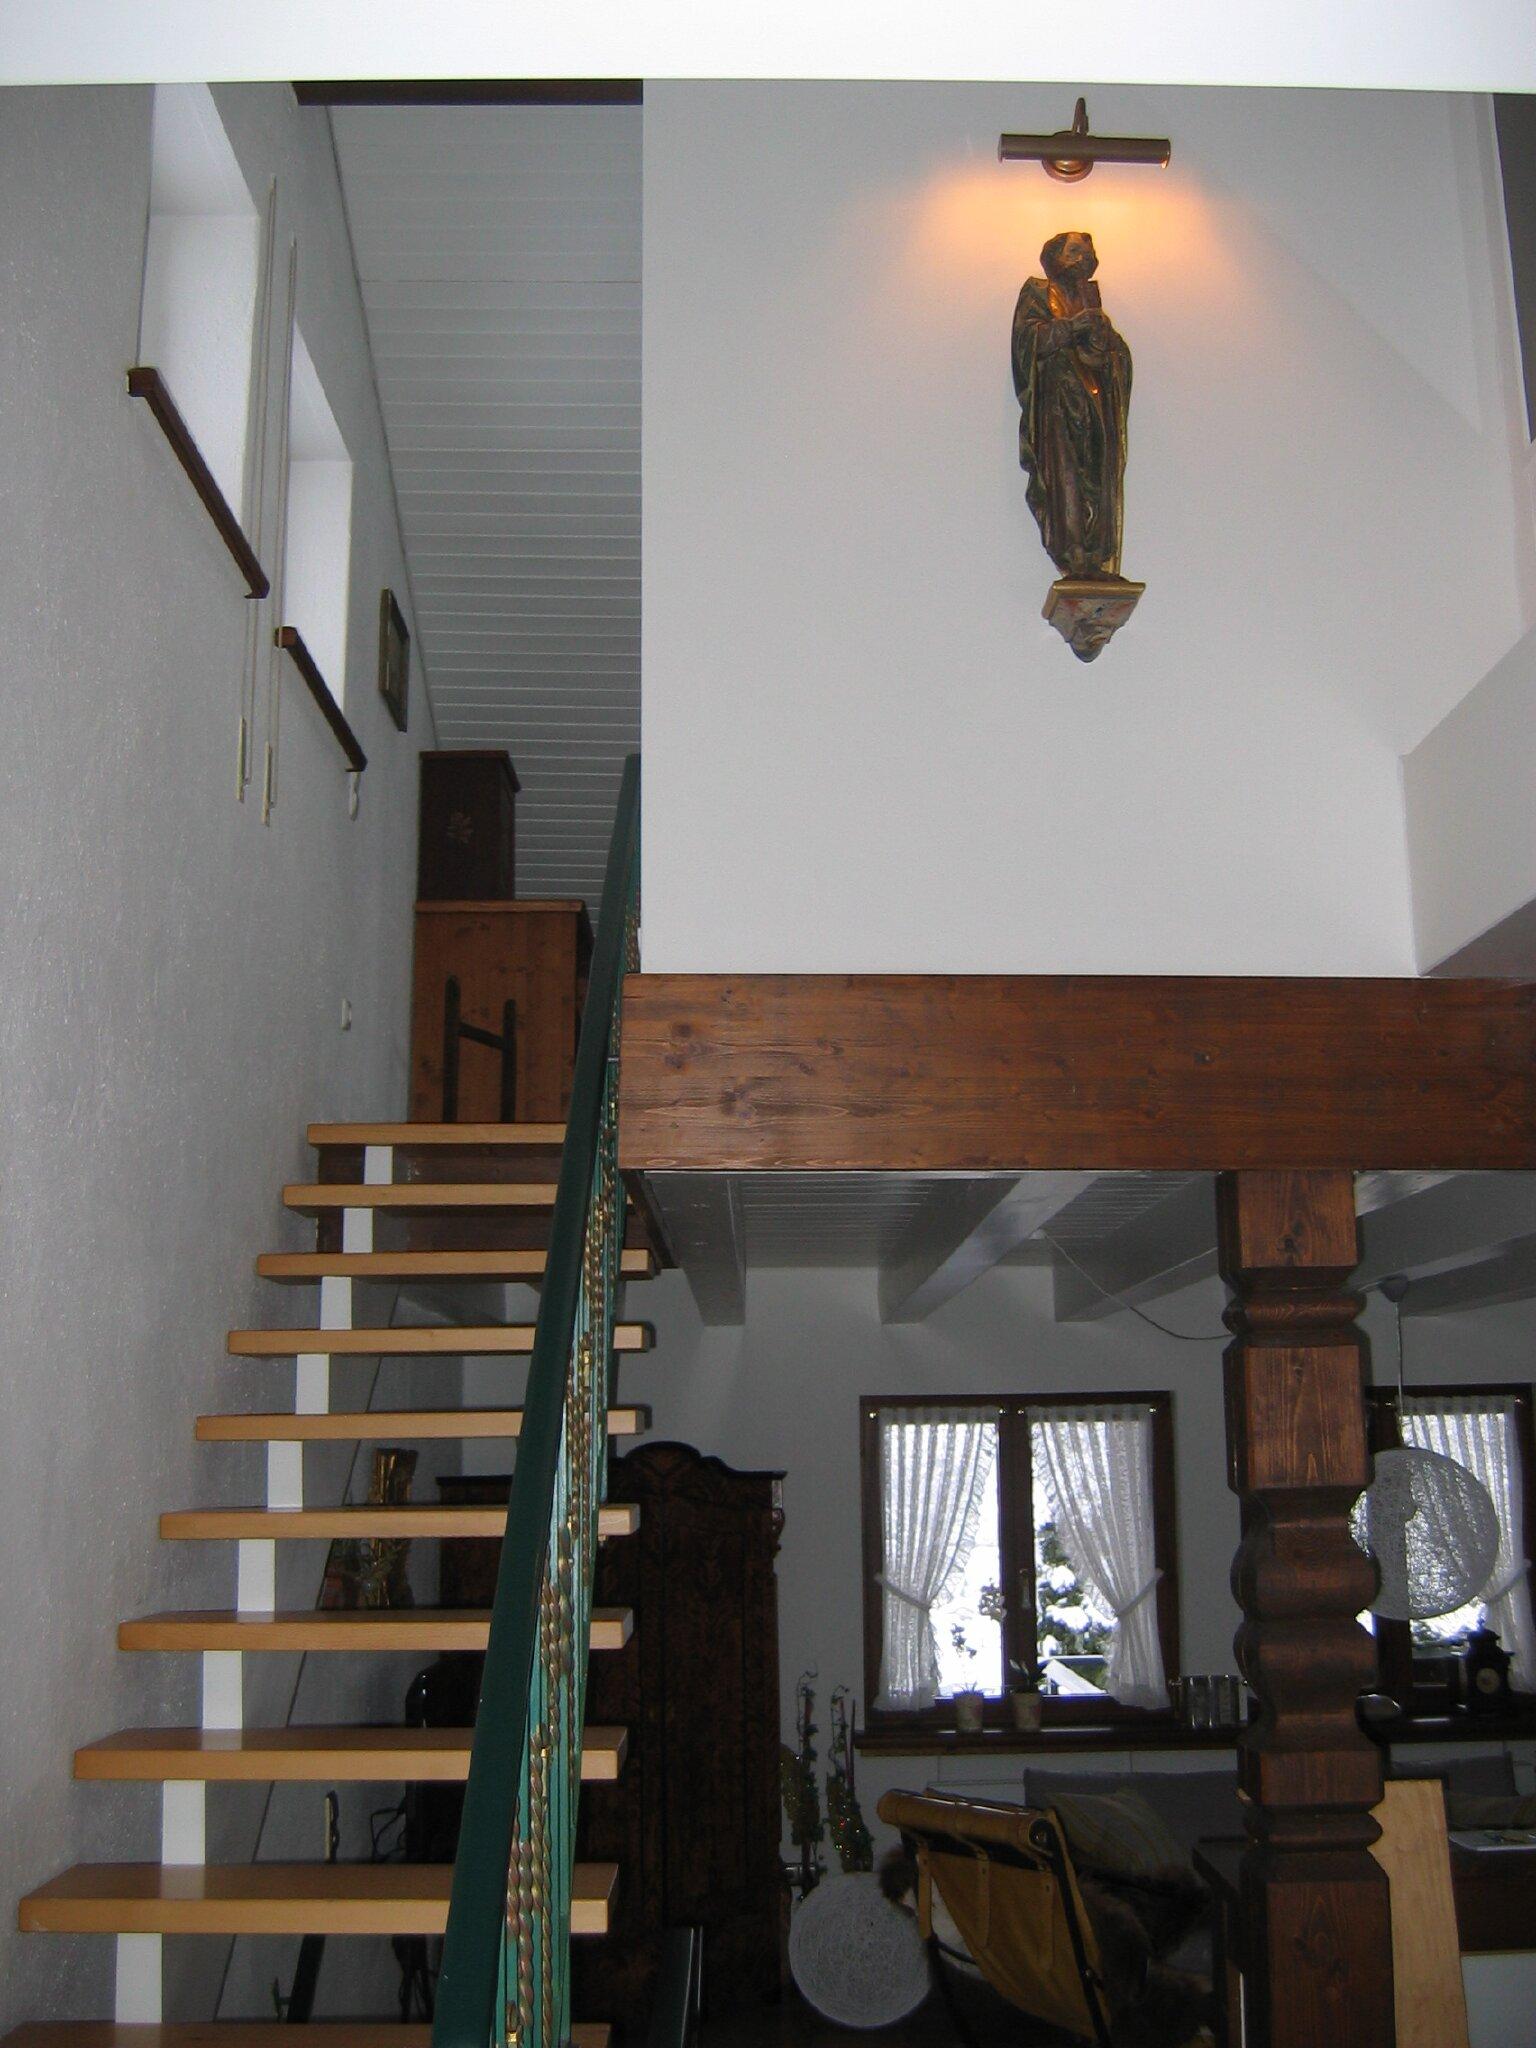 Stilvolles Wohnzimmer, modern und antik